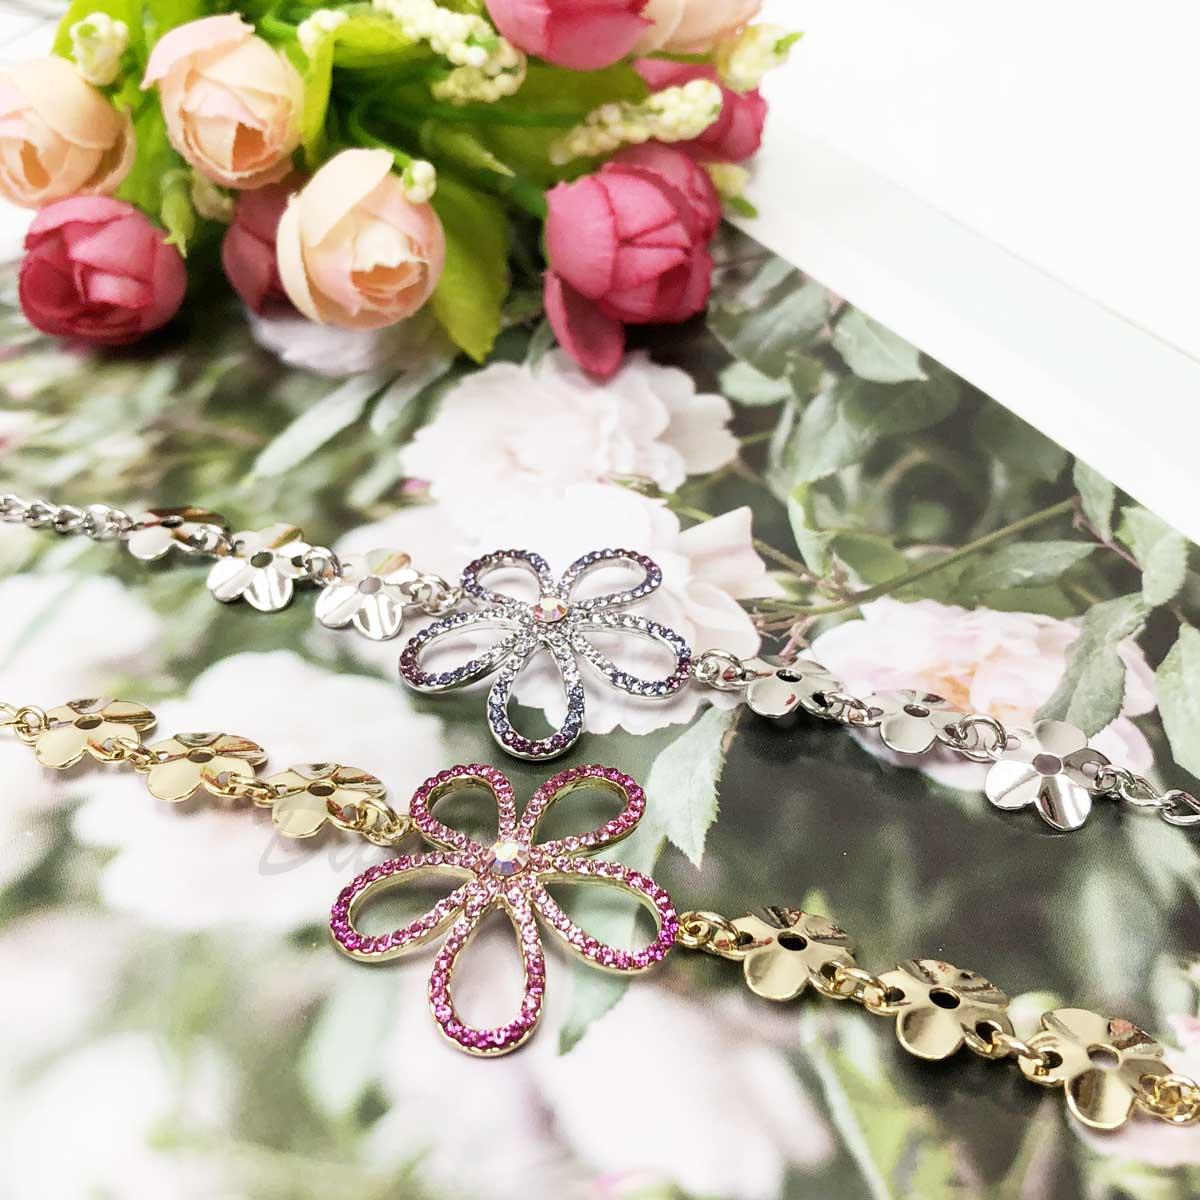 大花朵 鏤空 鑲鑽 片狀花 手鍊 手飾